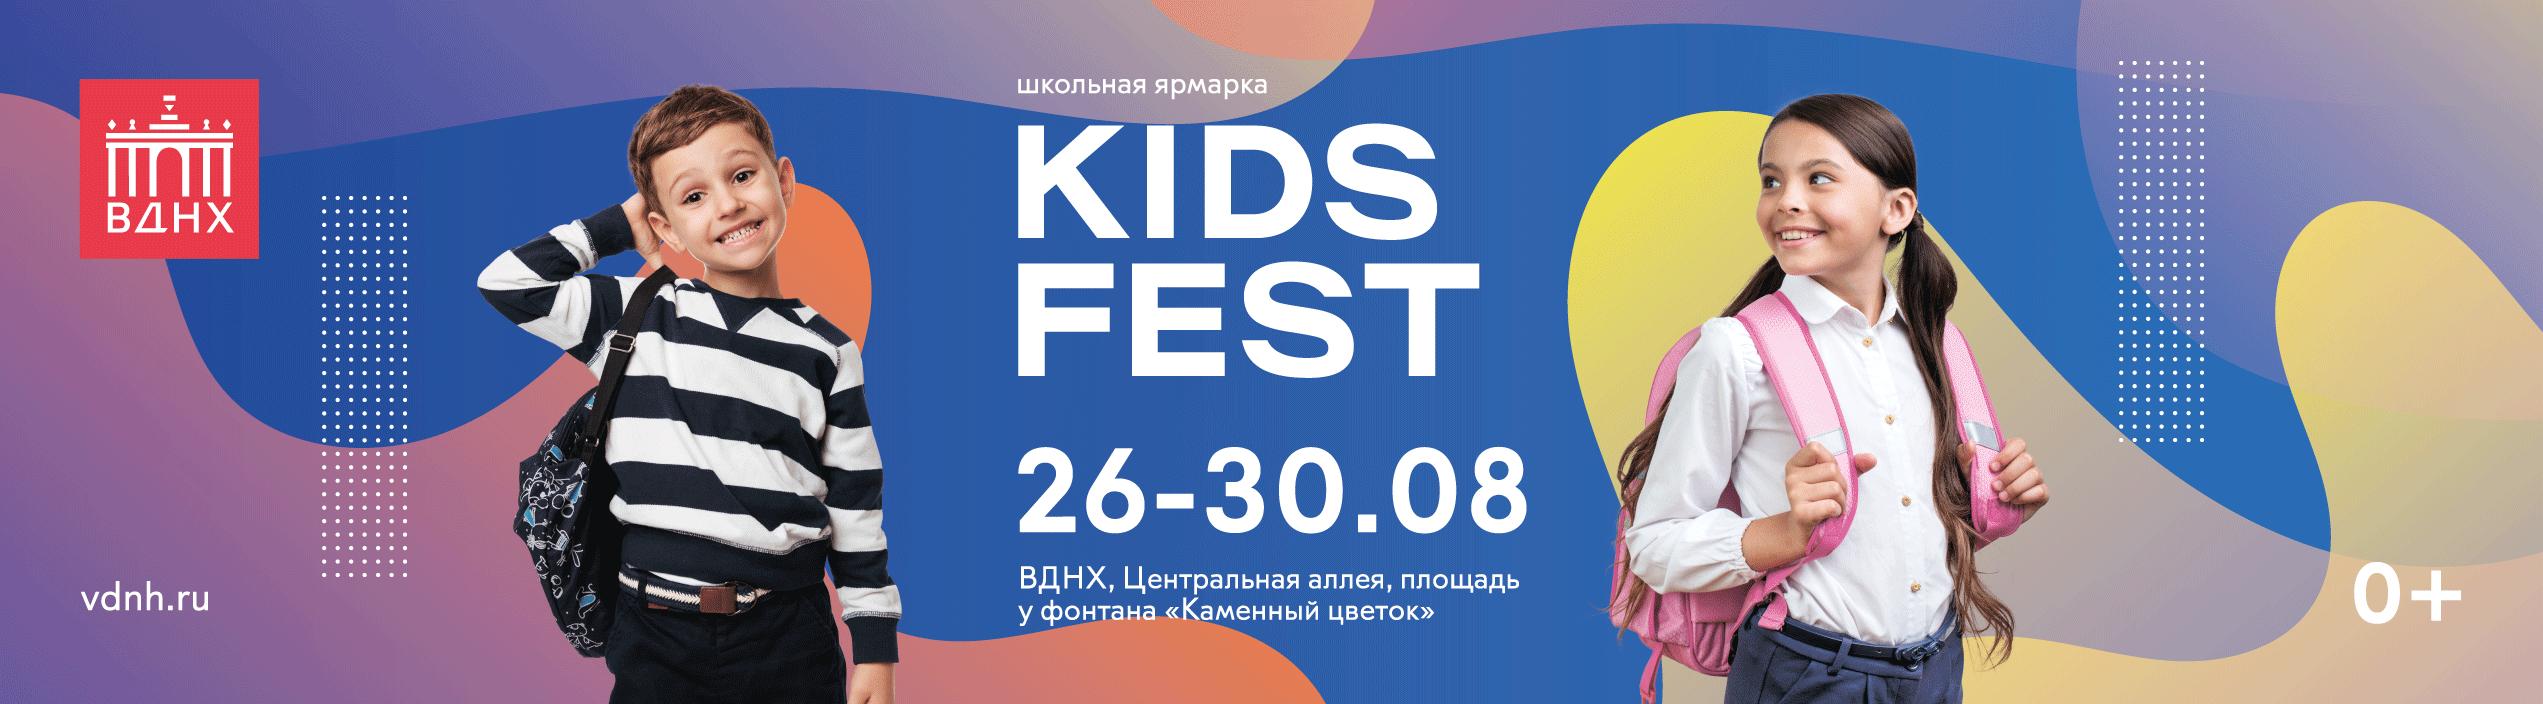 KIDS Fest – школьная ярмарка